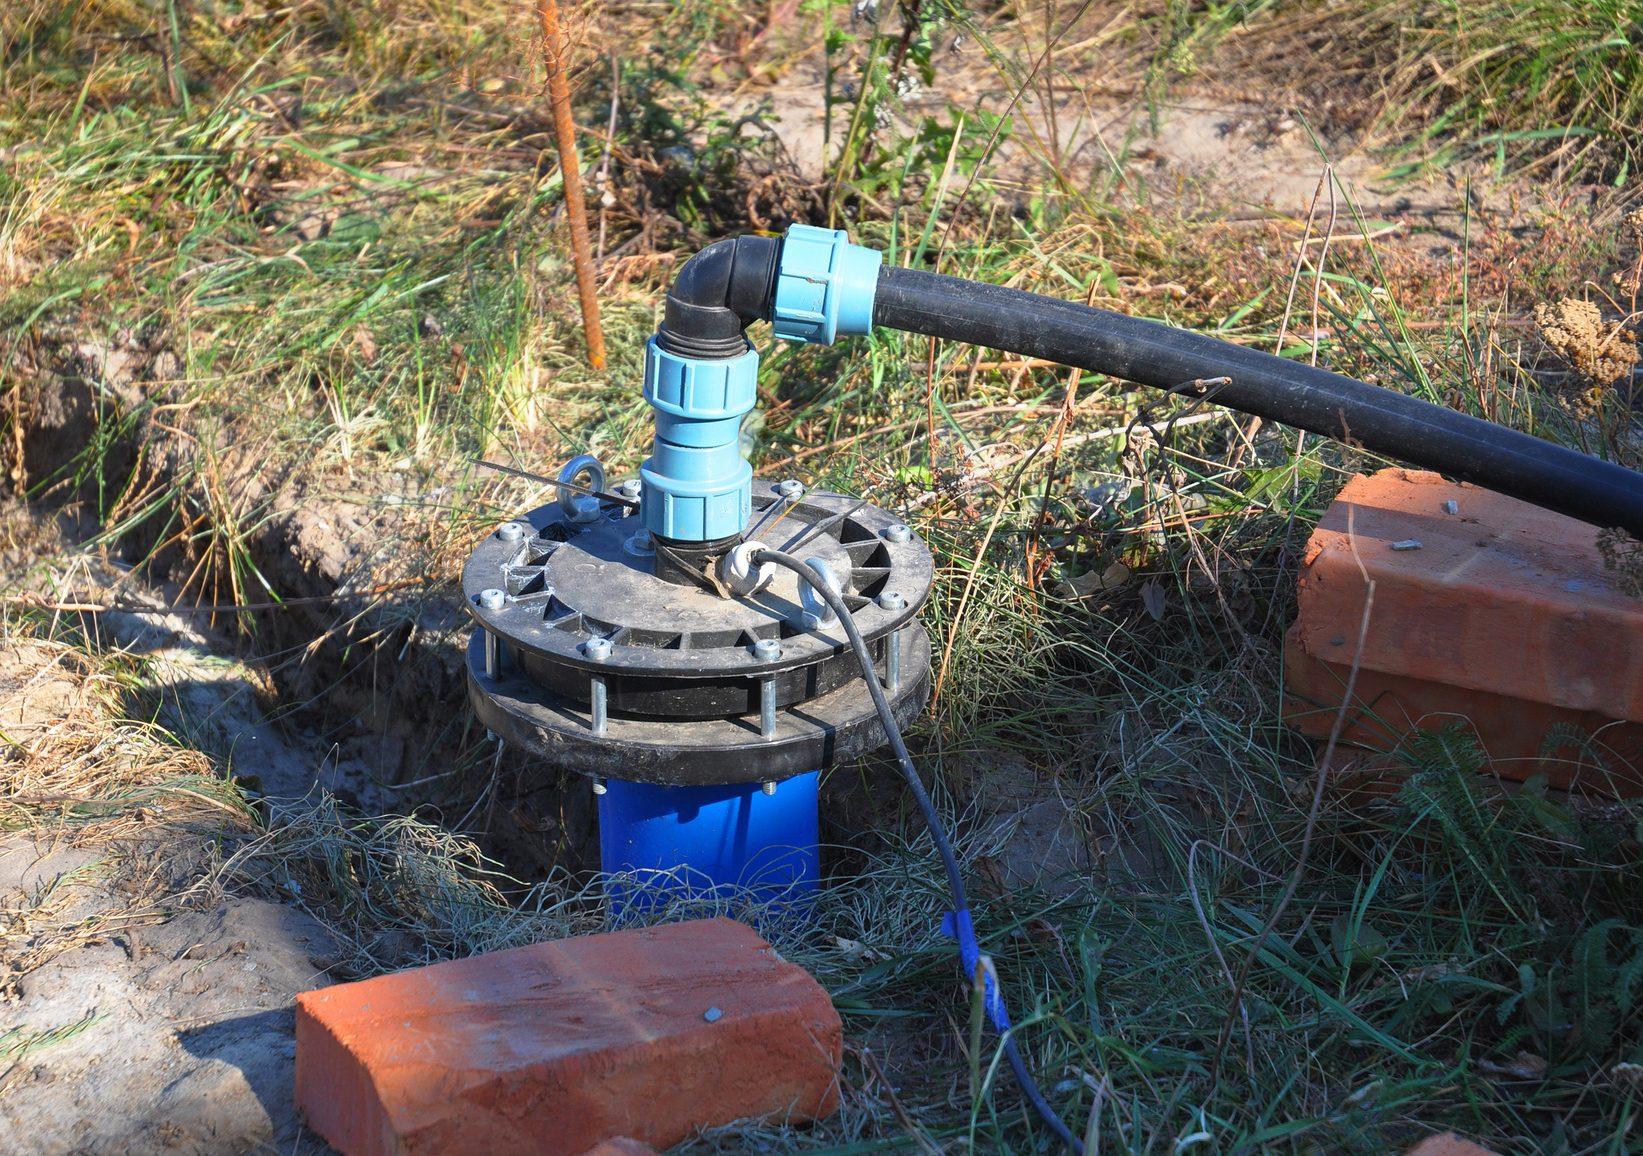 Ogromny Budowa studni głębinowej musi być poprzedzona badaniami IK42